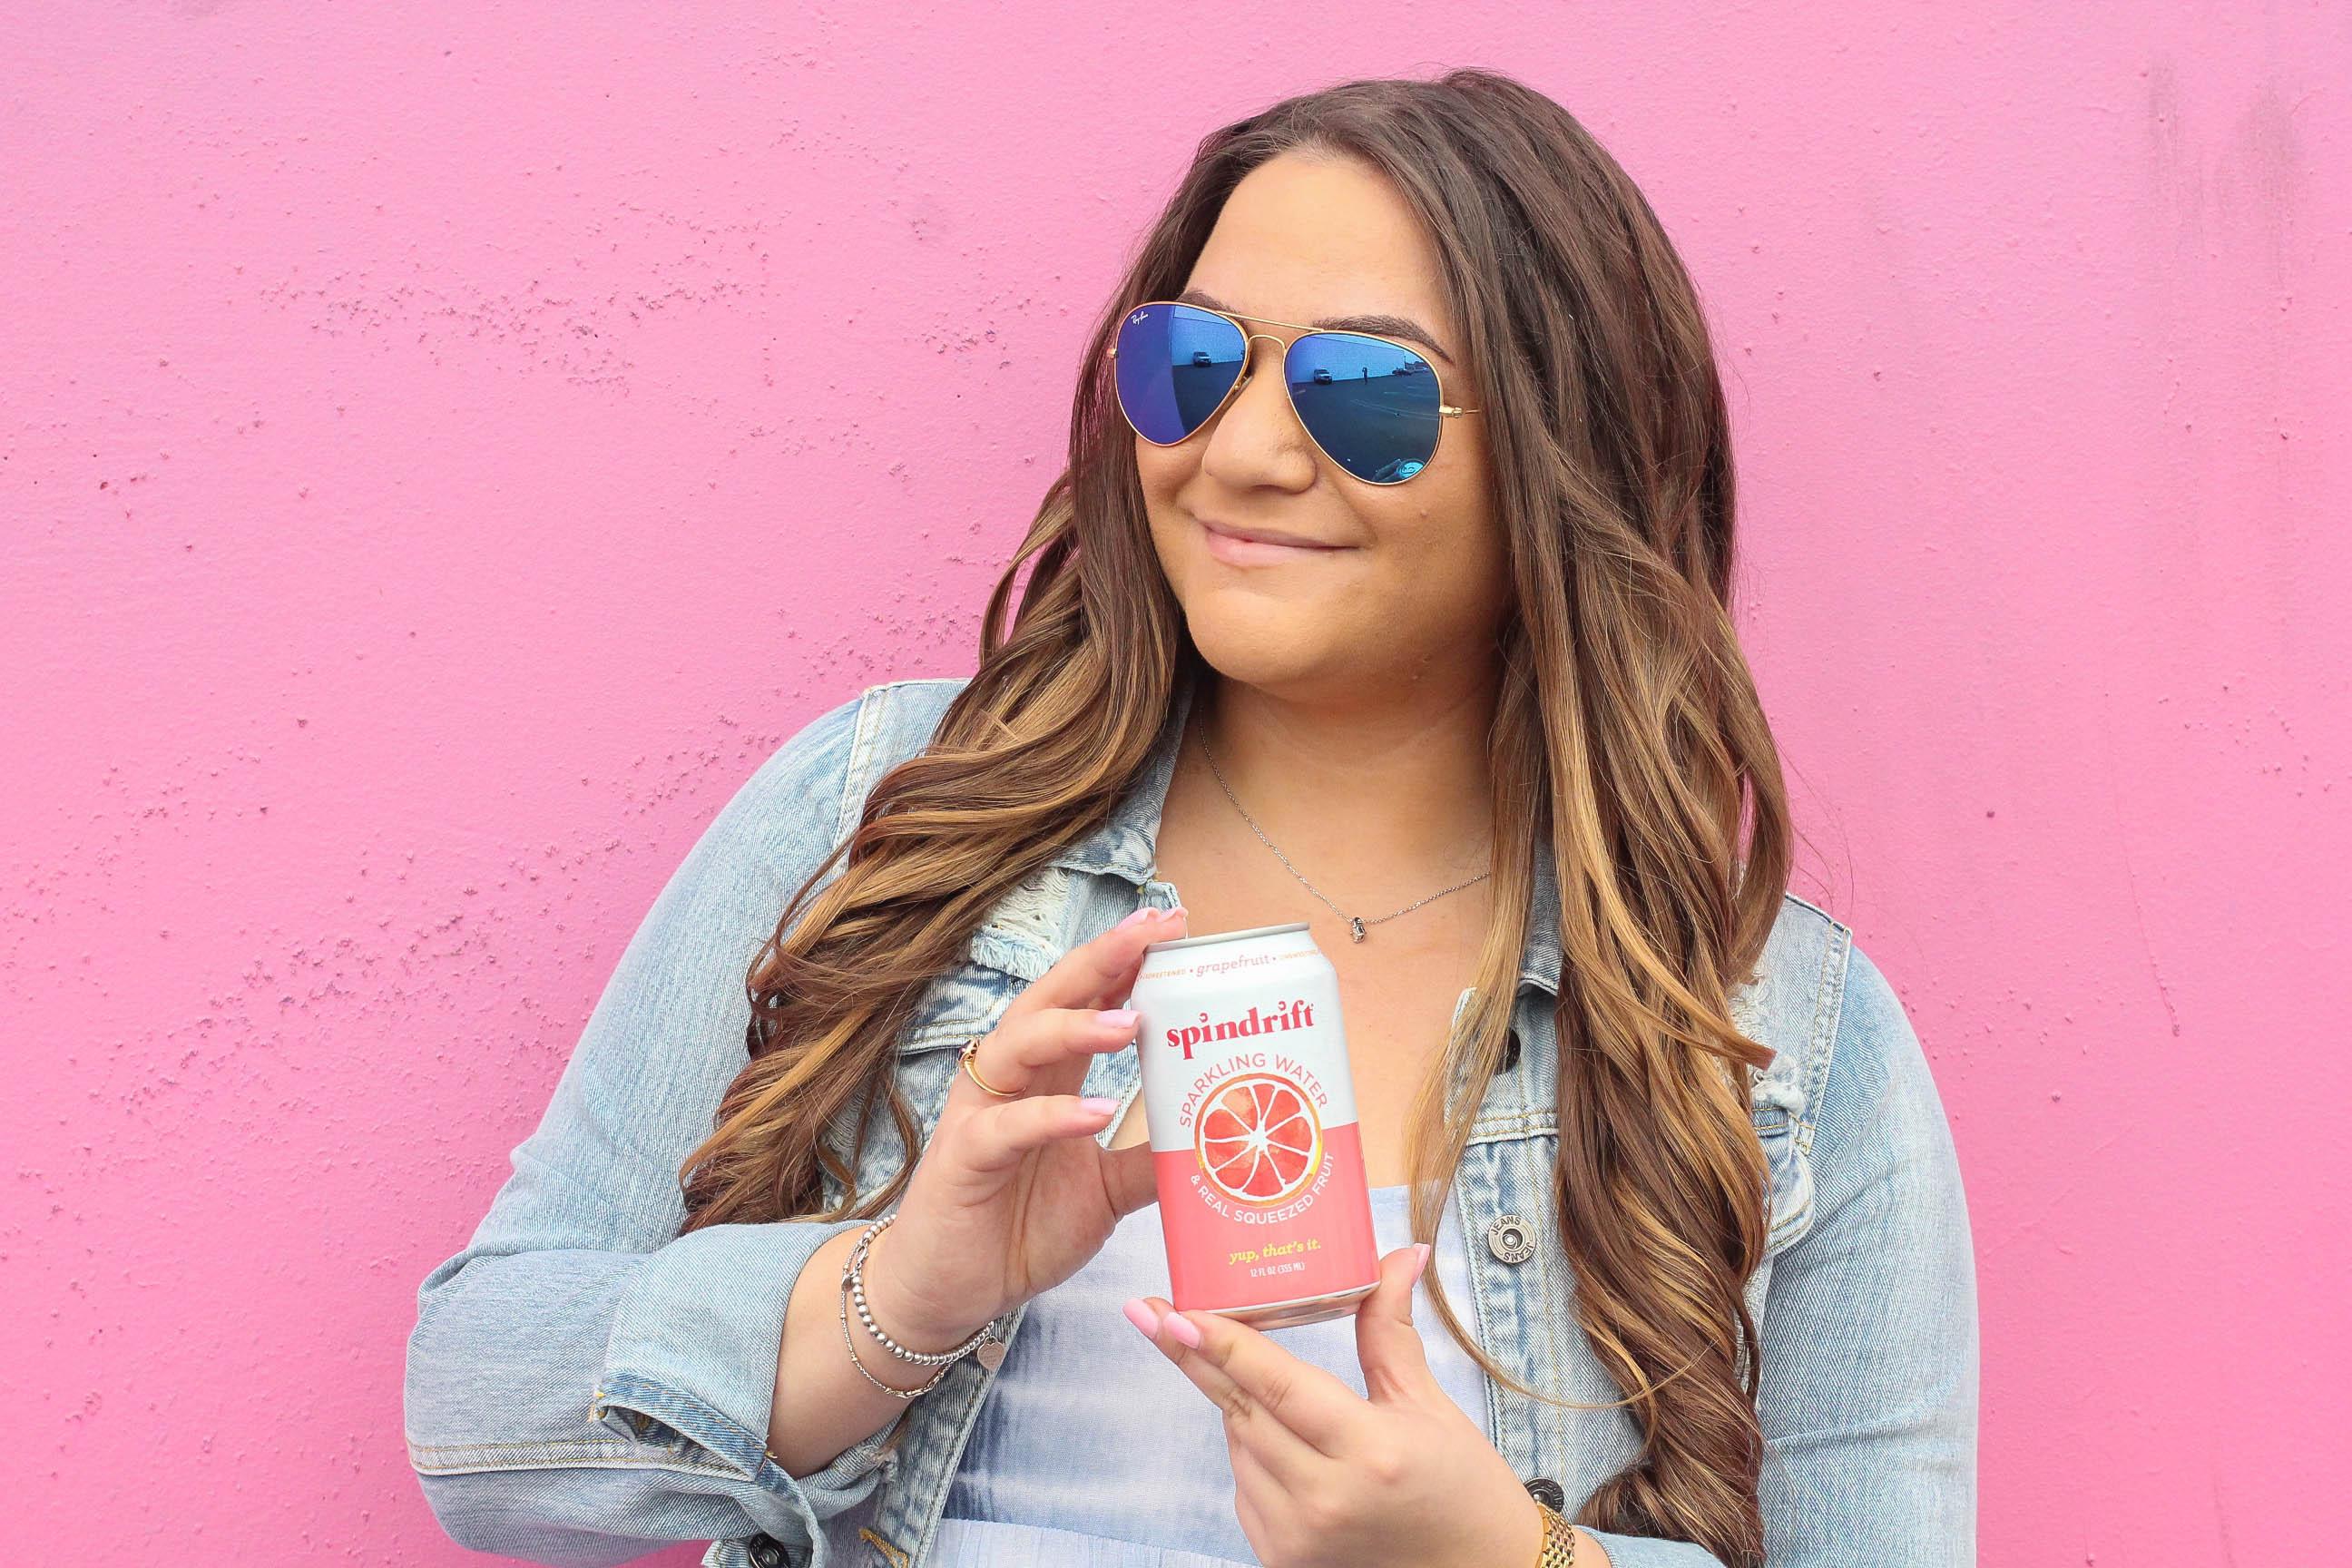 missyonmadison, missyonmadison instagram, fashion blogger, style blogger, lifestyle blogger, bloglovin, spindrift, spindrift beverages, spindrift sparkling beverages, spindrift giveaways, summer refresh, sparkling water, flavored drinks, shop bando, bando tote, striped straws,